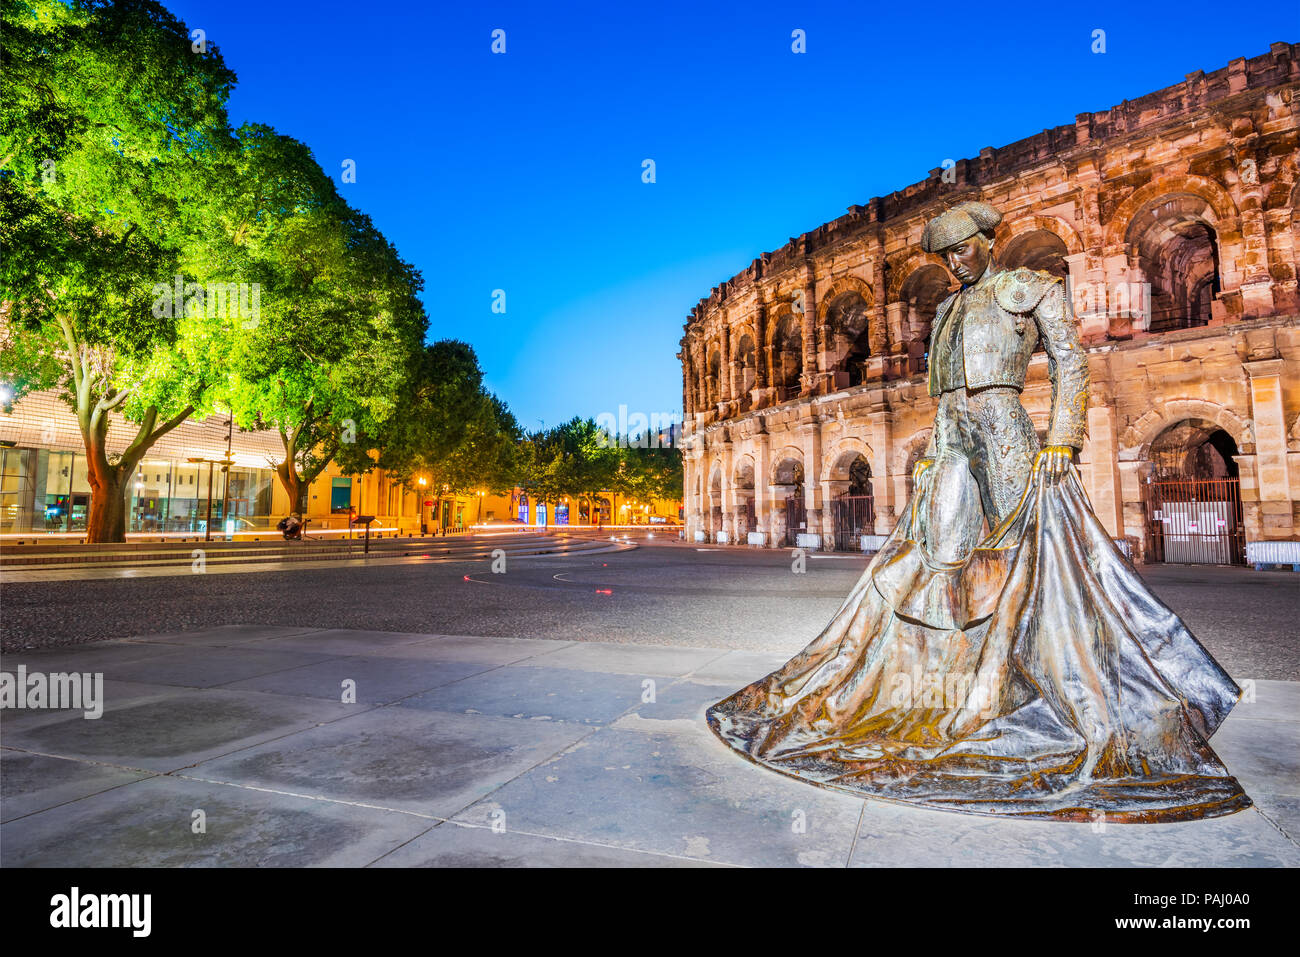 Nimes, antiguo anfiteatro romano en la Occitania medieval de la región de Aquitania, en el sur de Francia. Magnífica enorme Arena. Imagen De Stock